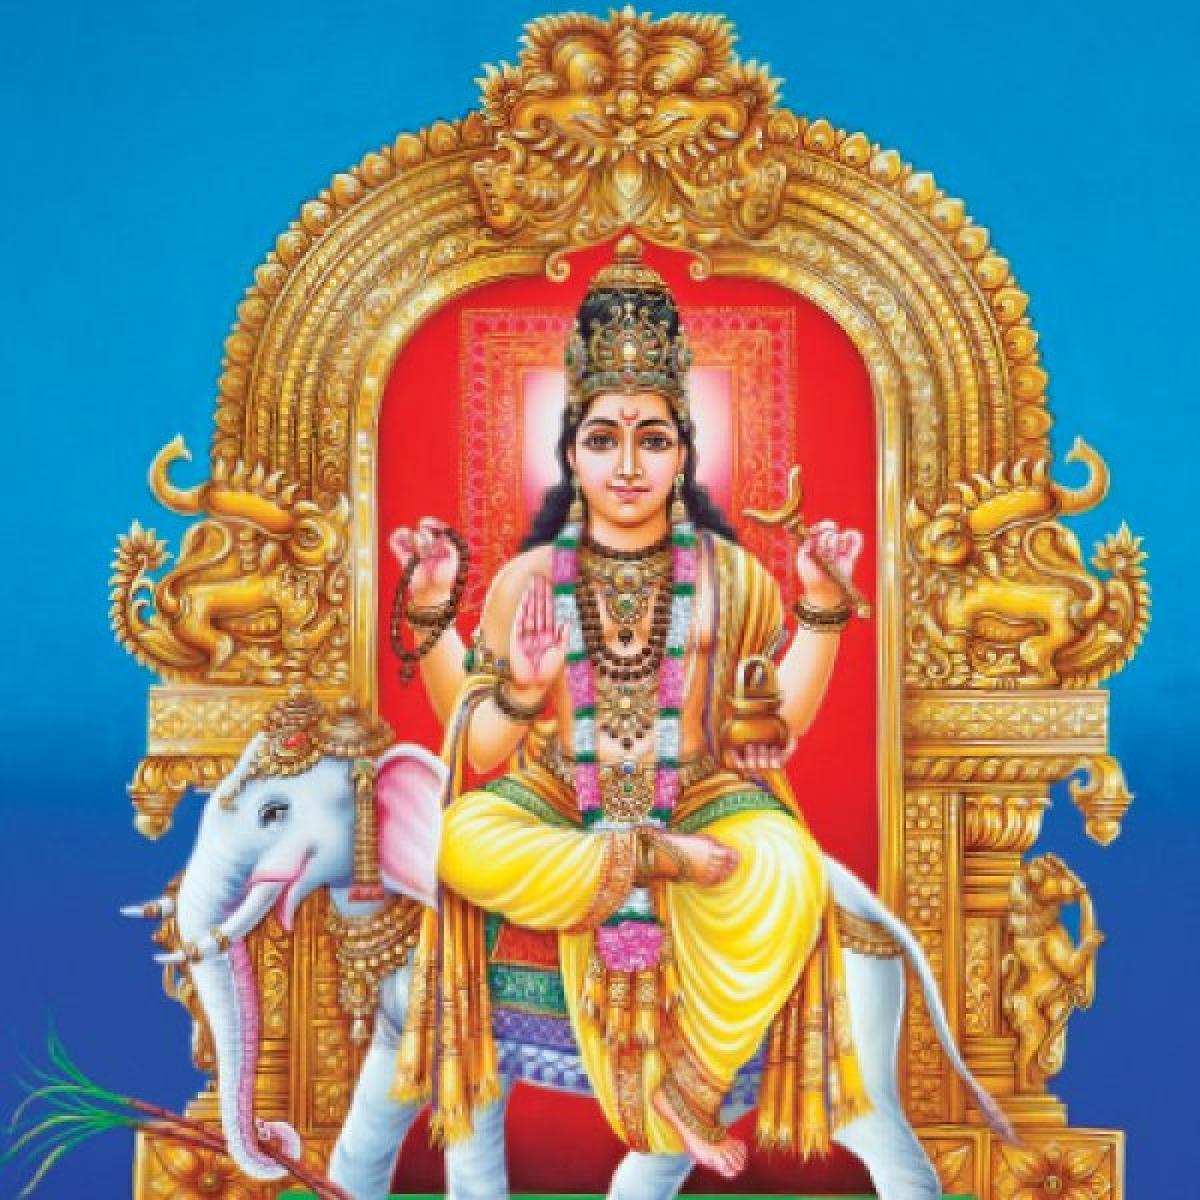 'திருமண பிராப்திக்கு எந்தக் கிரகம் துணை நிற்கும்?'